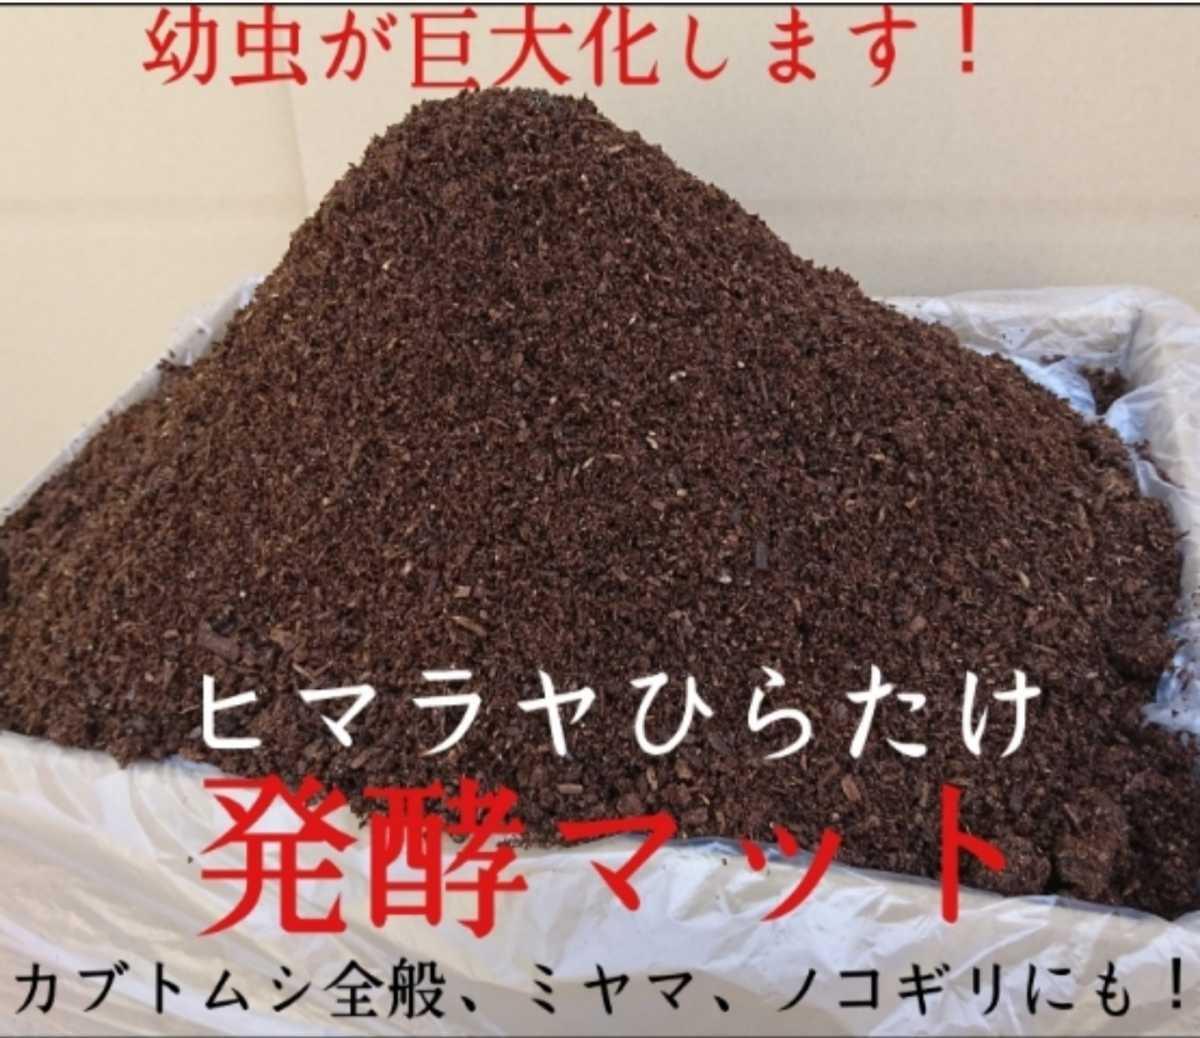 500リットル入!ヒマラヤひらたけ菌床発酵カブトムシマット!抜群の栄養価! クヌギ100%原料 幼虫の餌、産卵マット!ビッグサイズ狙えます_画像2